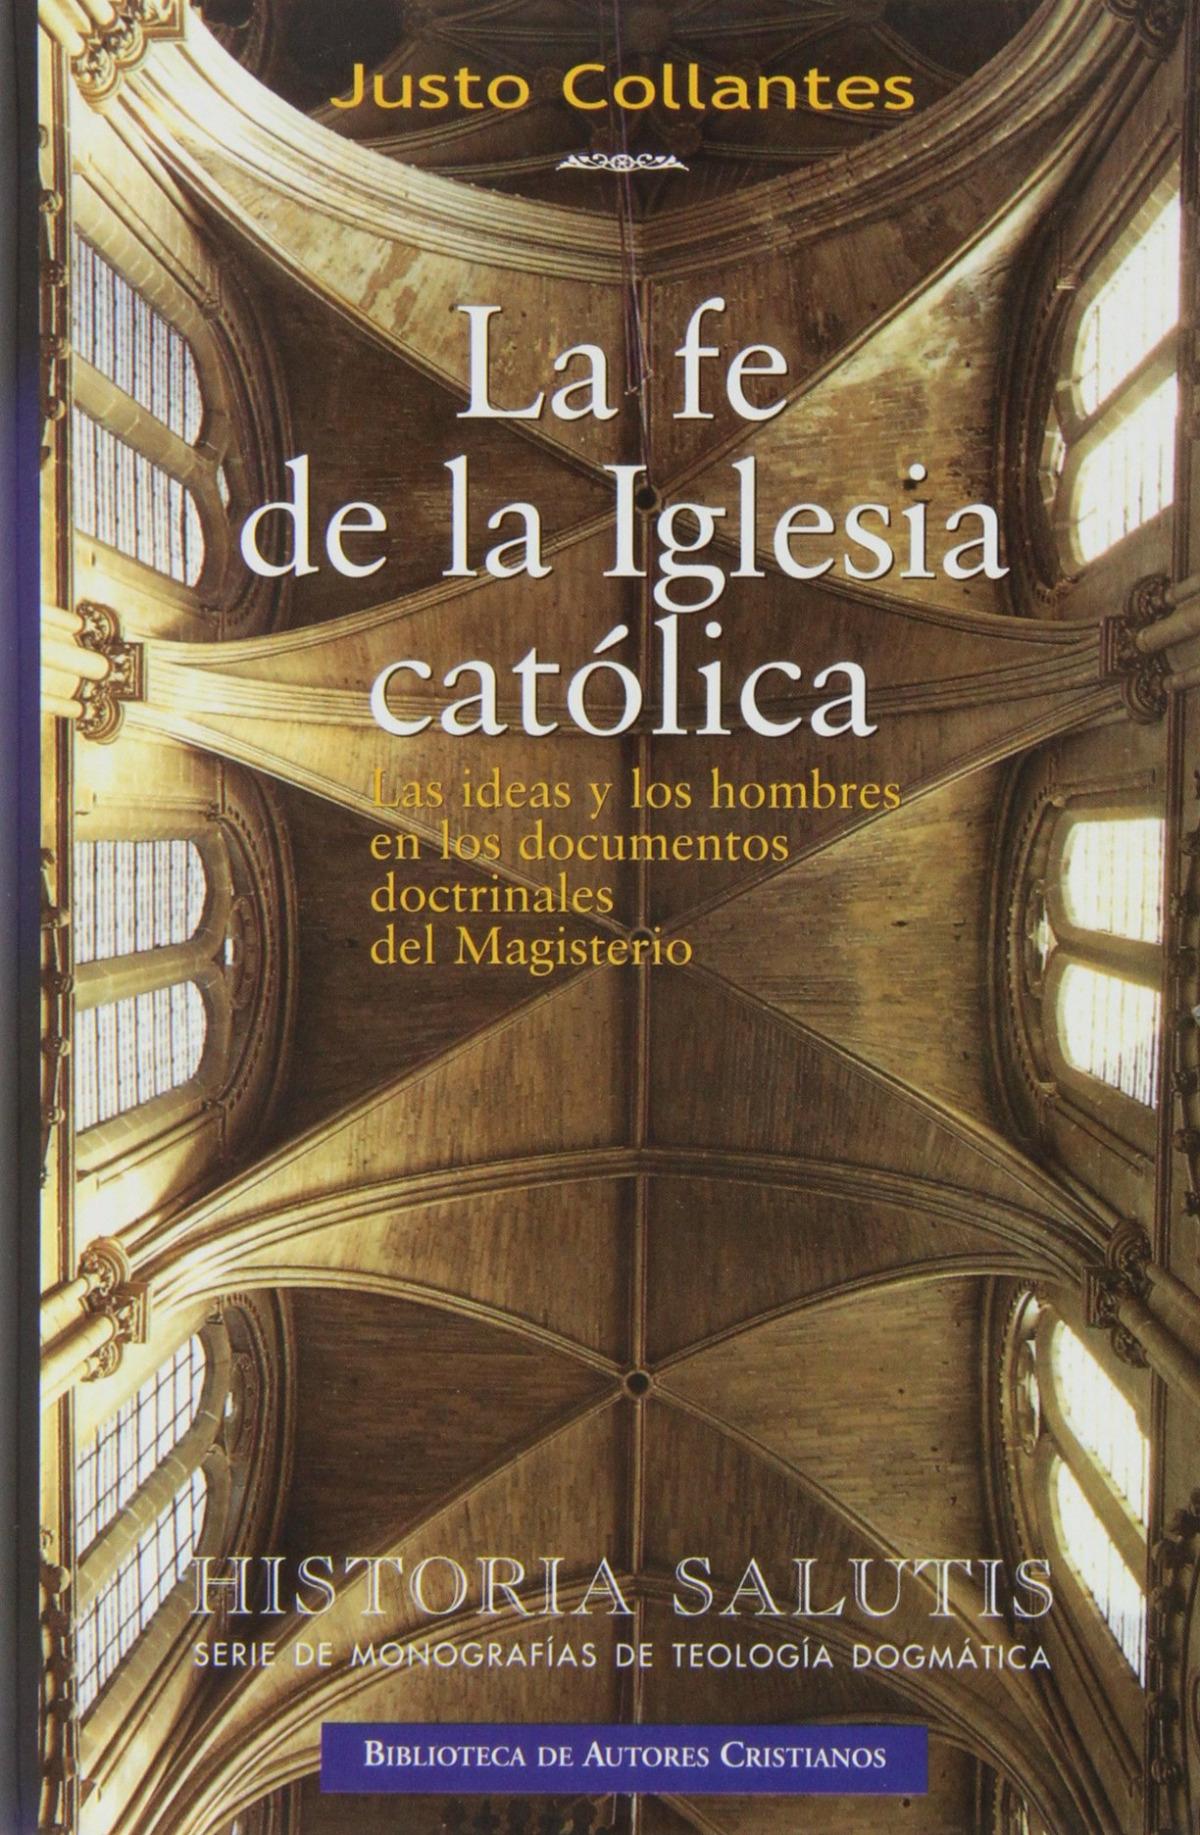 La fé de la Iglesia católica Las ideas y hombres en los documentos doctrinales del Magisterio - Collantes, Justo